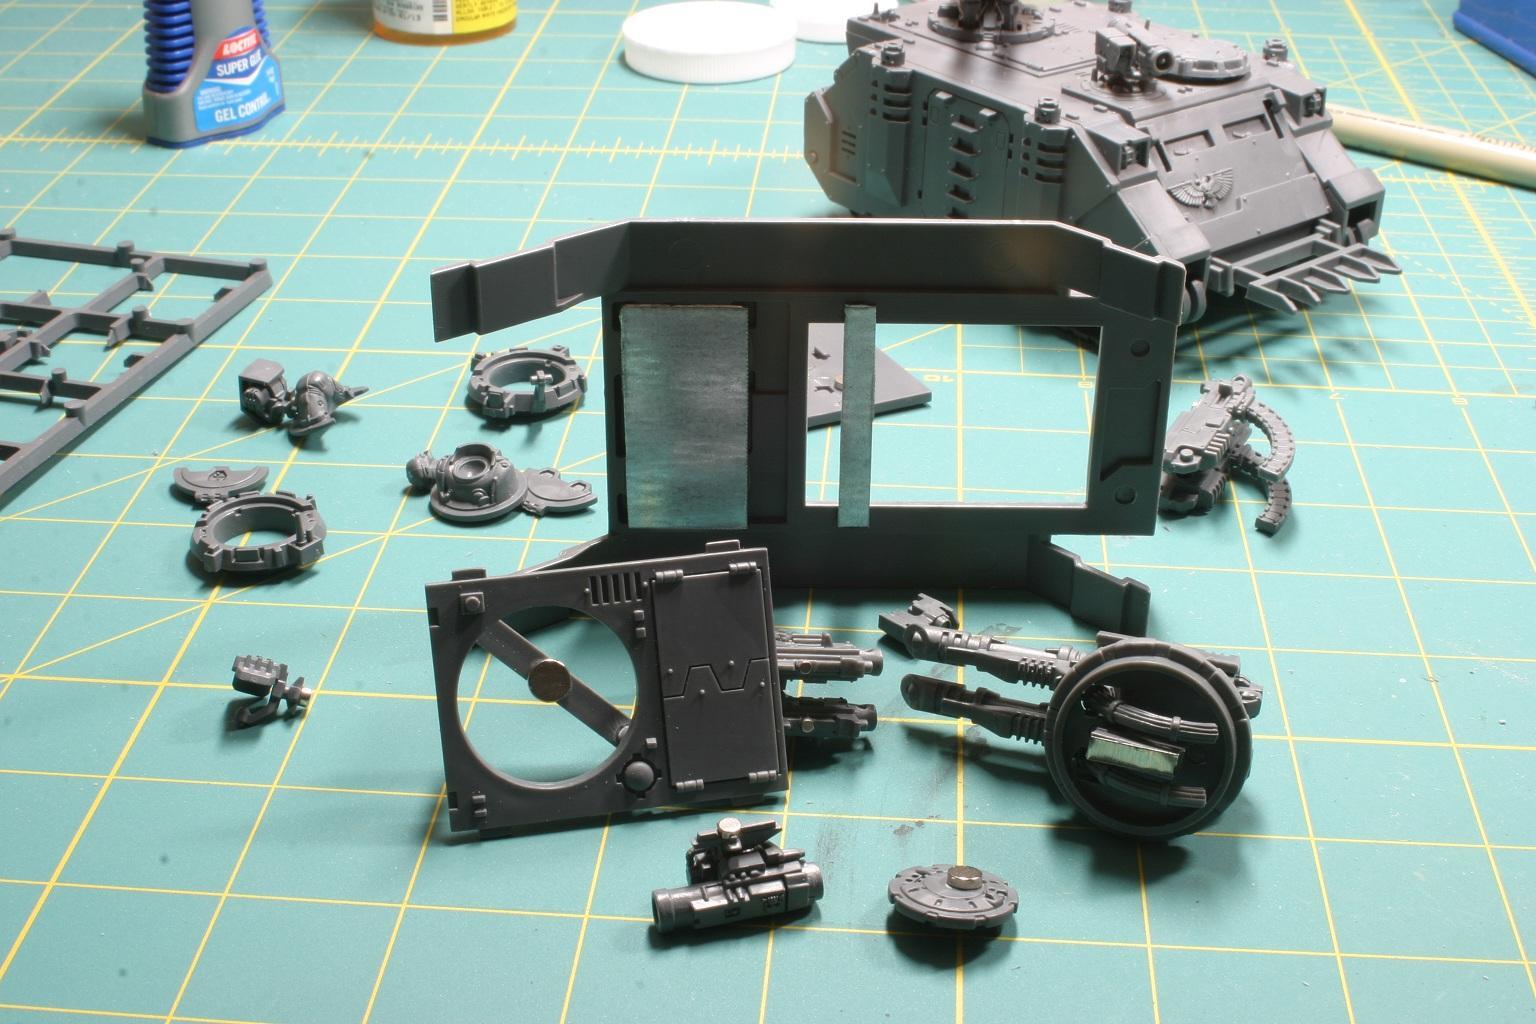 Magnet, Razorback, Rhino, Work In Progress